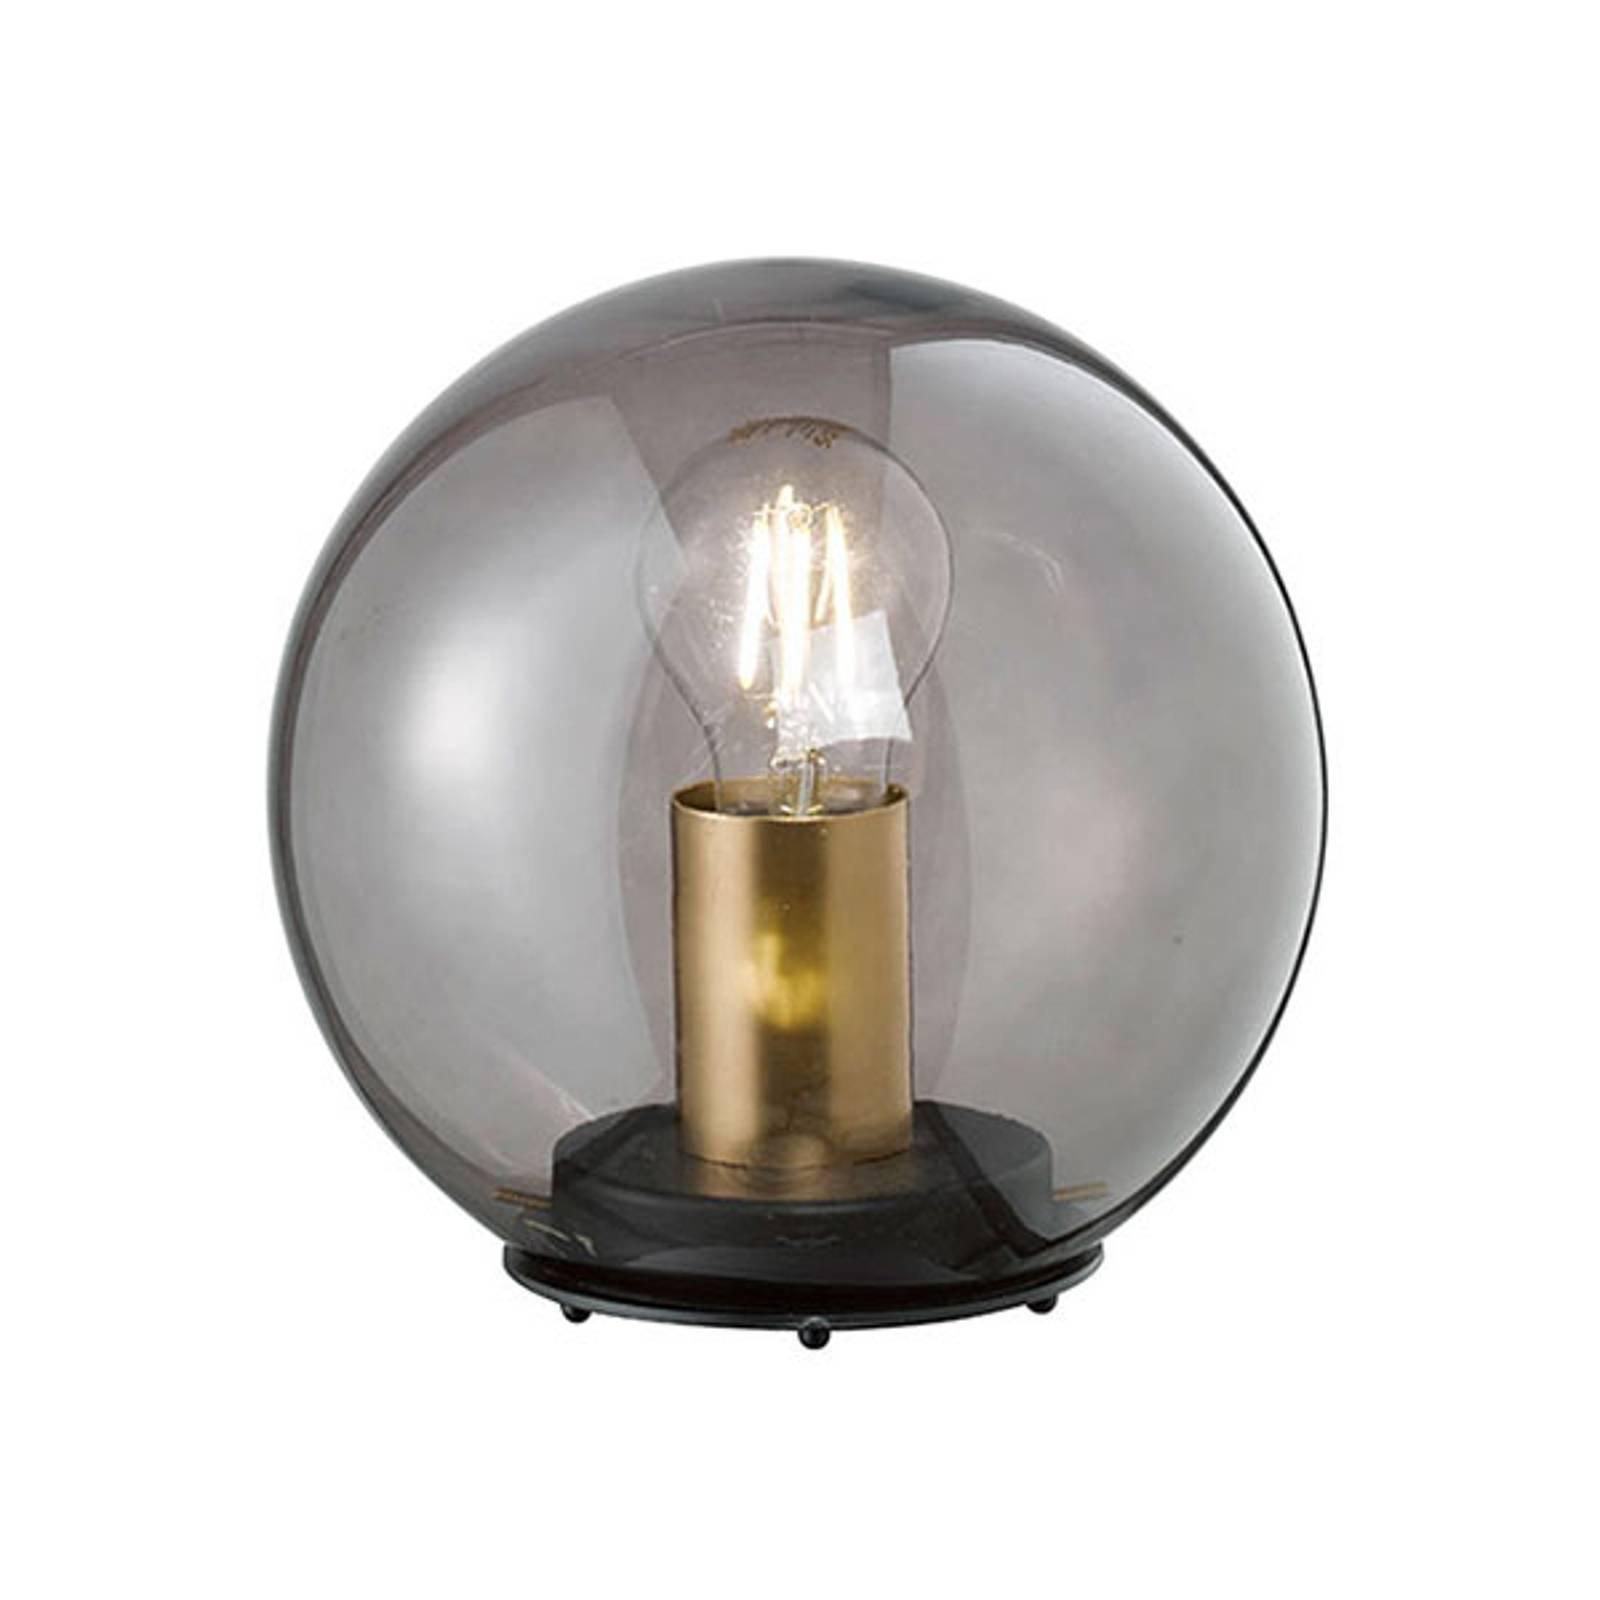 Bordlampe Dini med kuleskjerm av glass, 20 cm